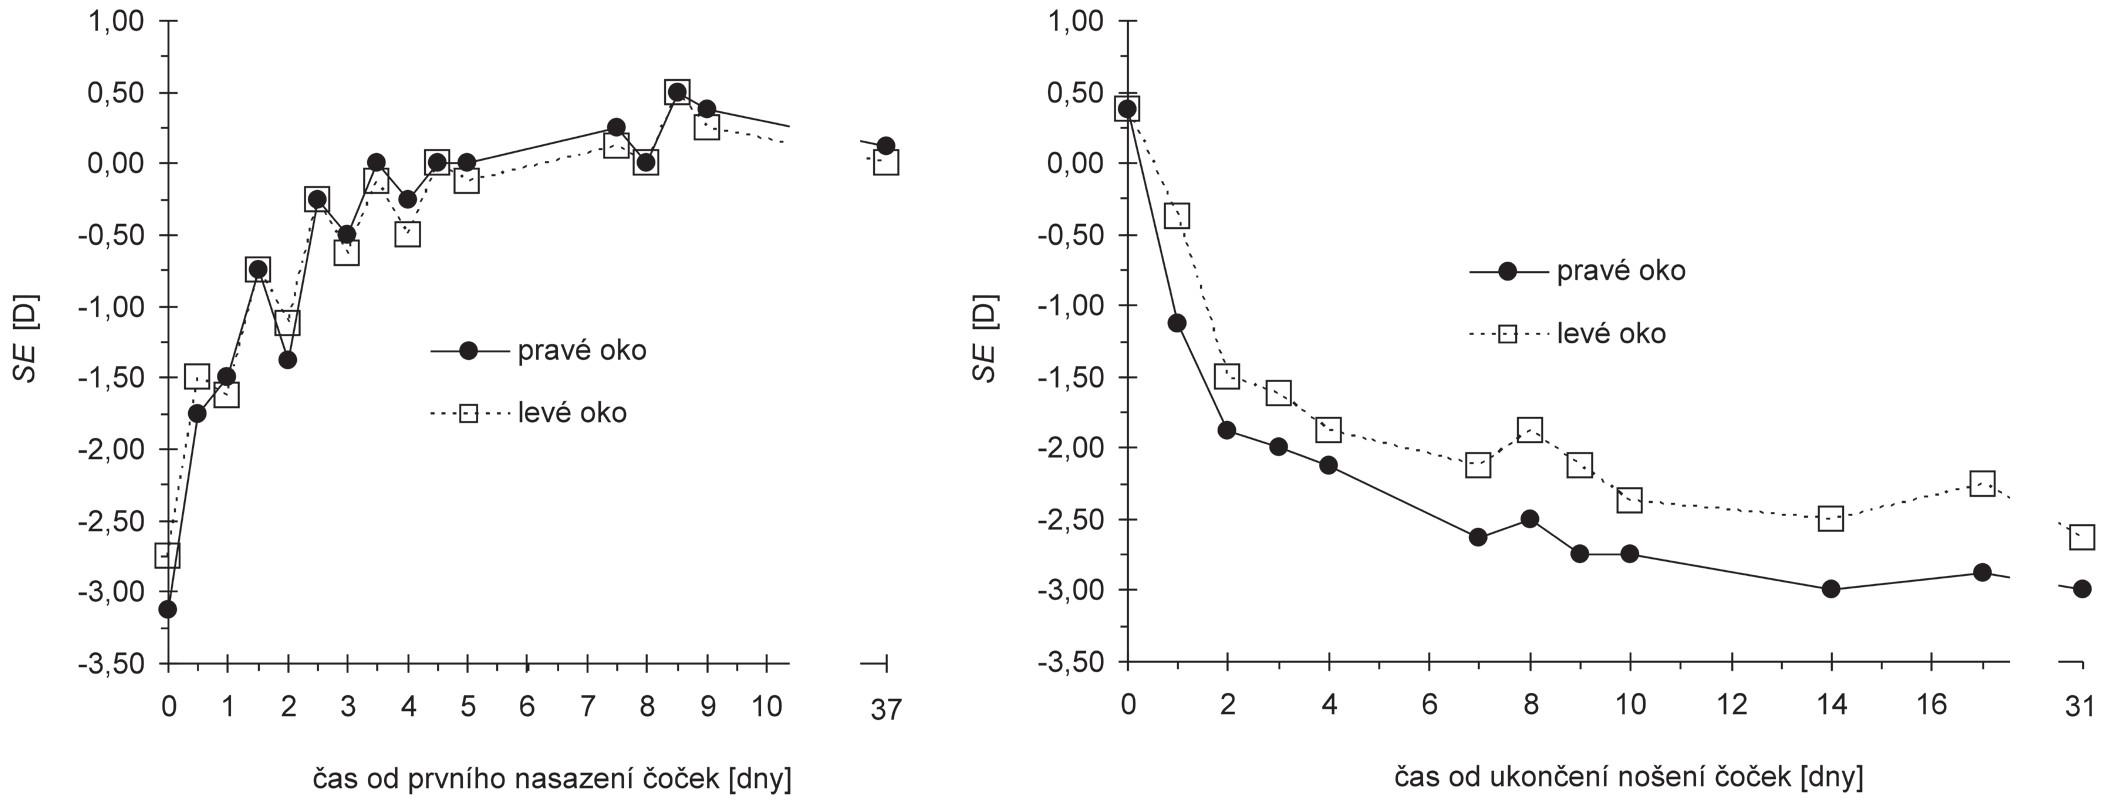 Závislost refrakce reprezentované sférickým ekvivalentem SE na čase měřená od prvního nasazení čoček (vlevo) a od ukončení nošení čoček (vpravo)